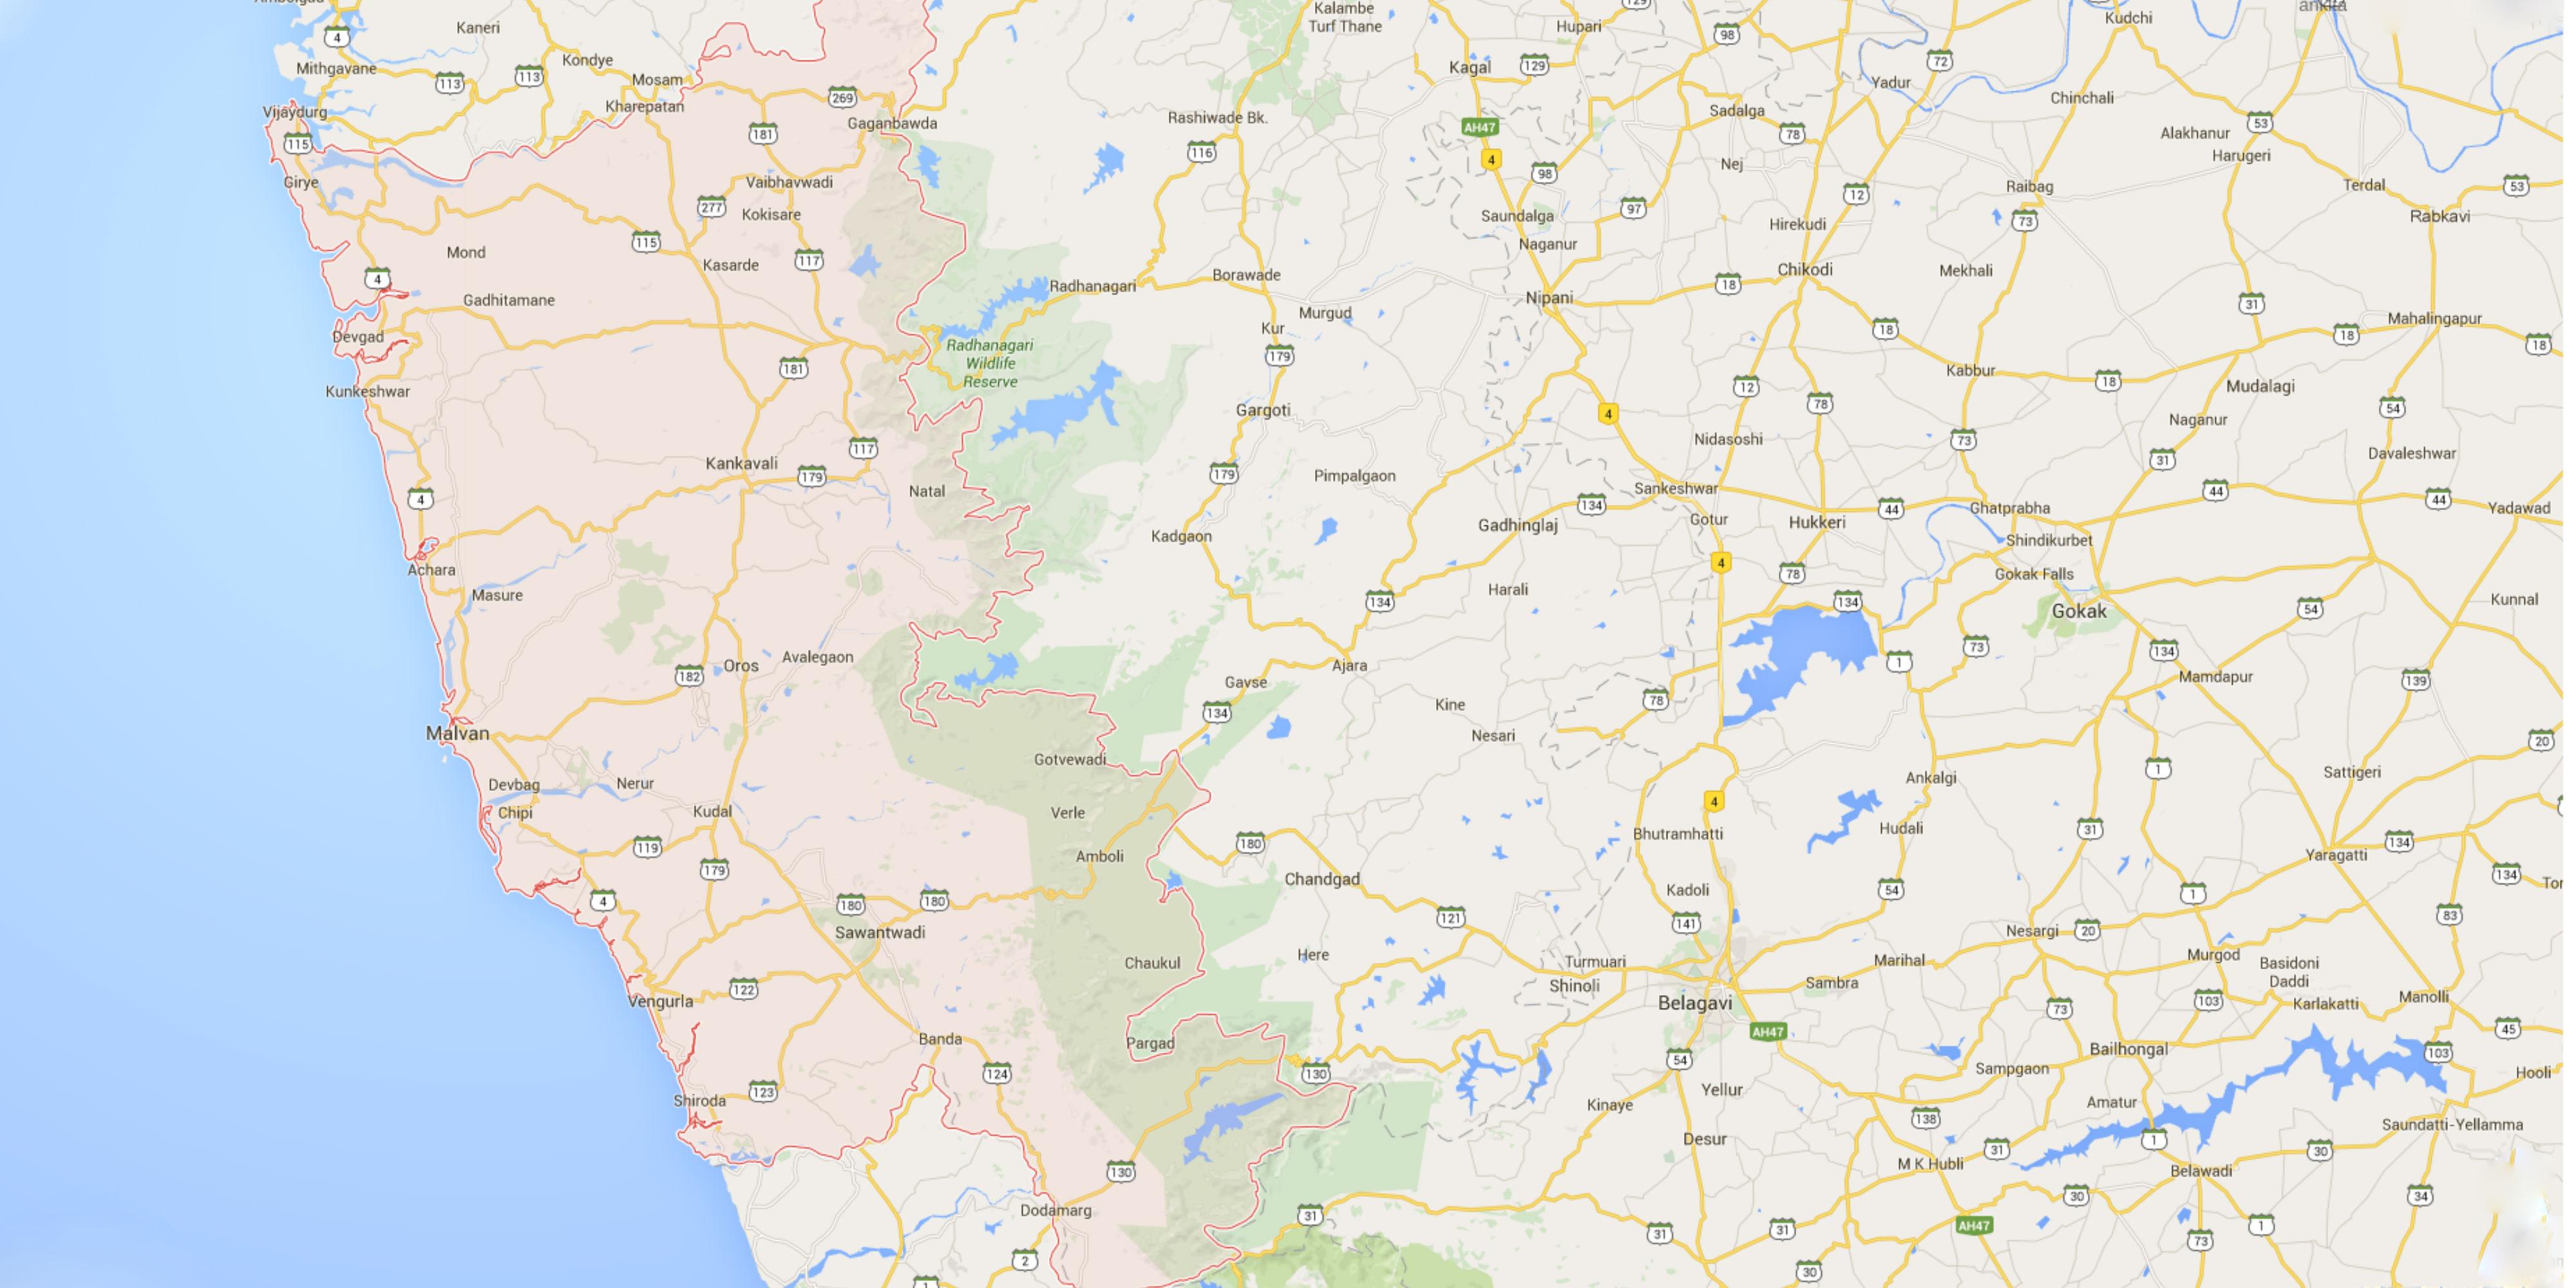 Sindhudurg